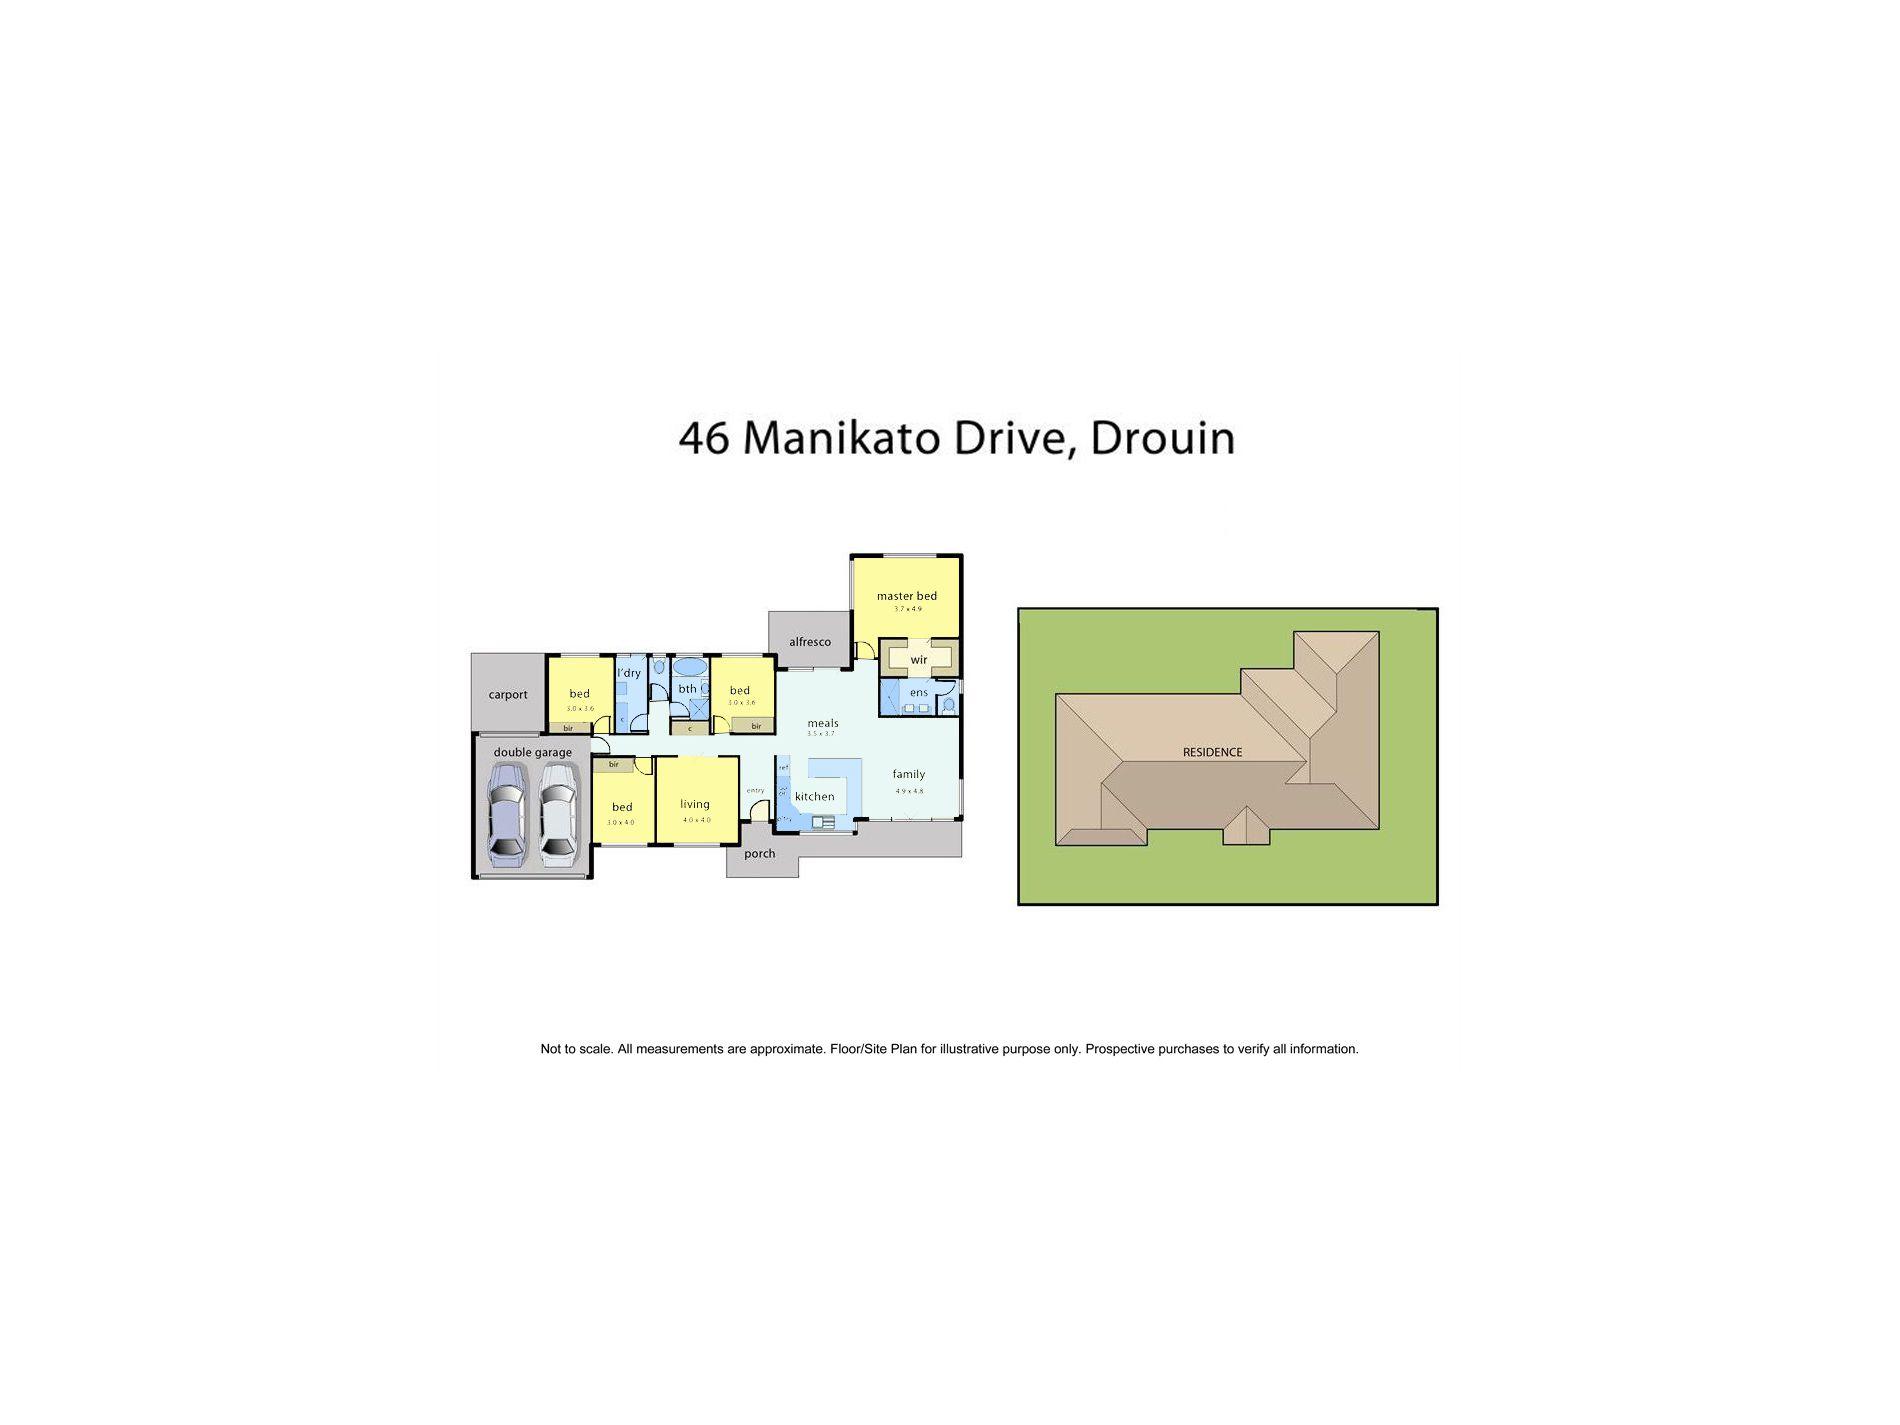 46 Manikato Drive, Drouin